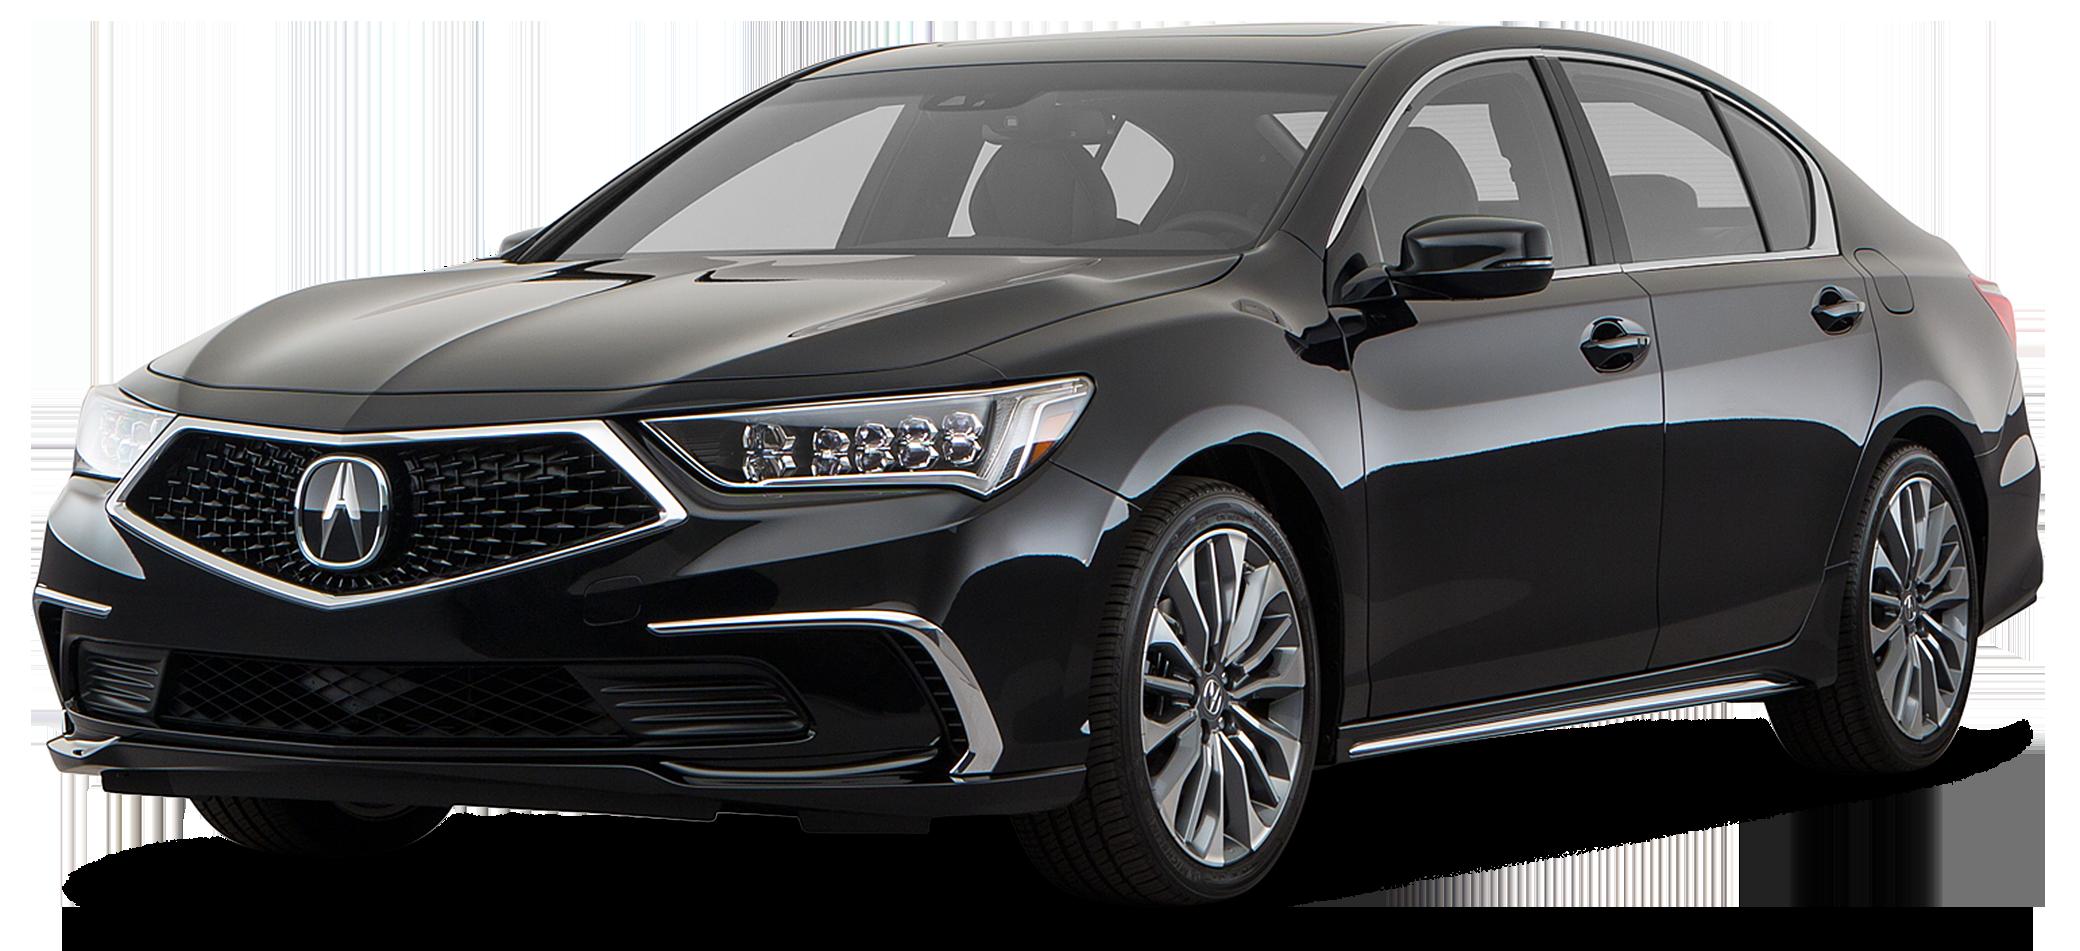 Fort Walton Beachs Tim Smith Acura New And Used Acura Cars - Acura car dealer